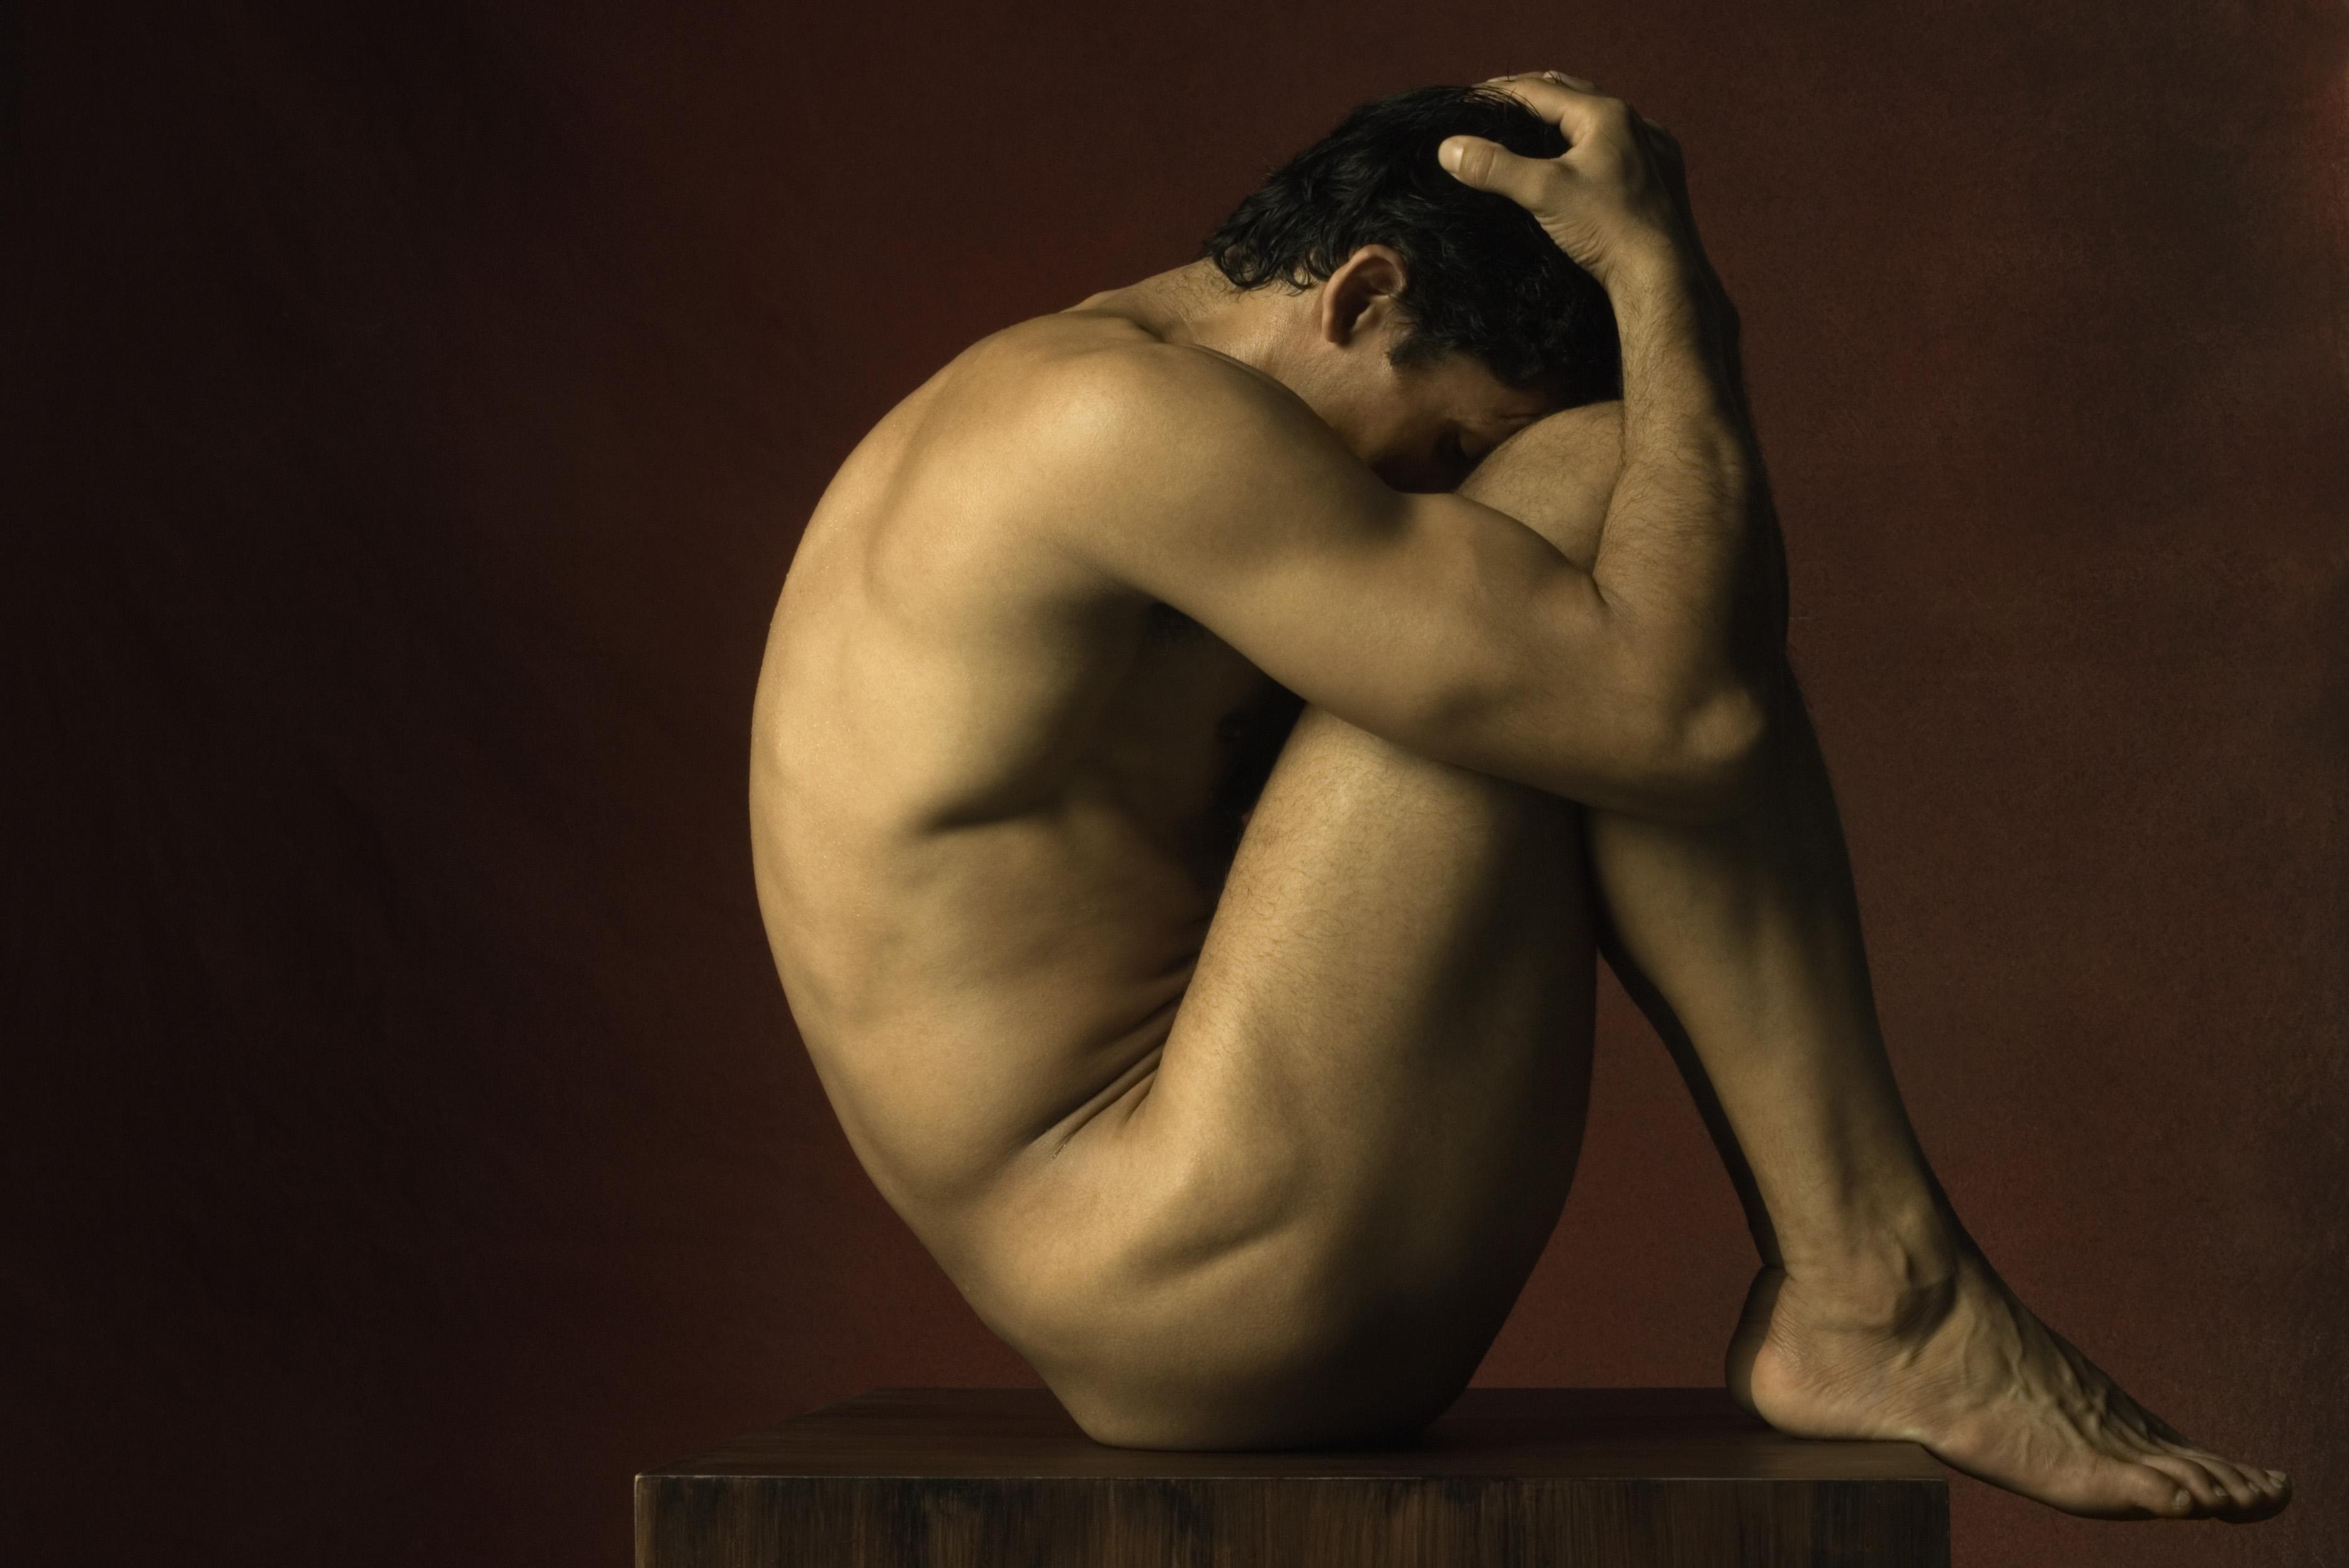 férfiak két pénisz az erekció a helyzet megváltoztatásakor aludt